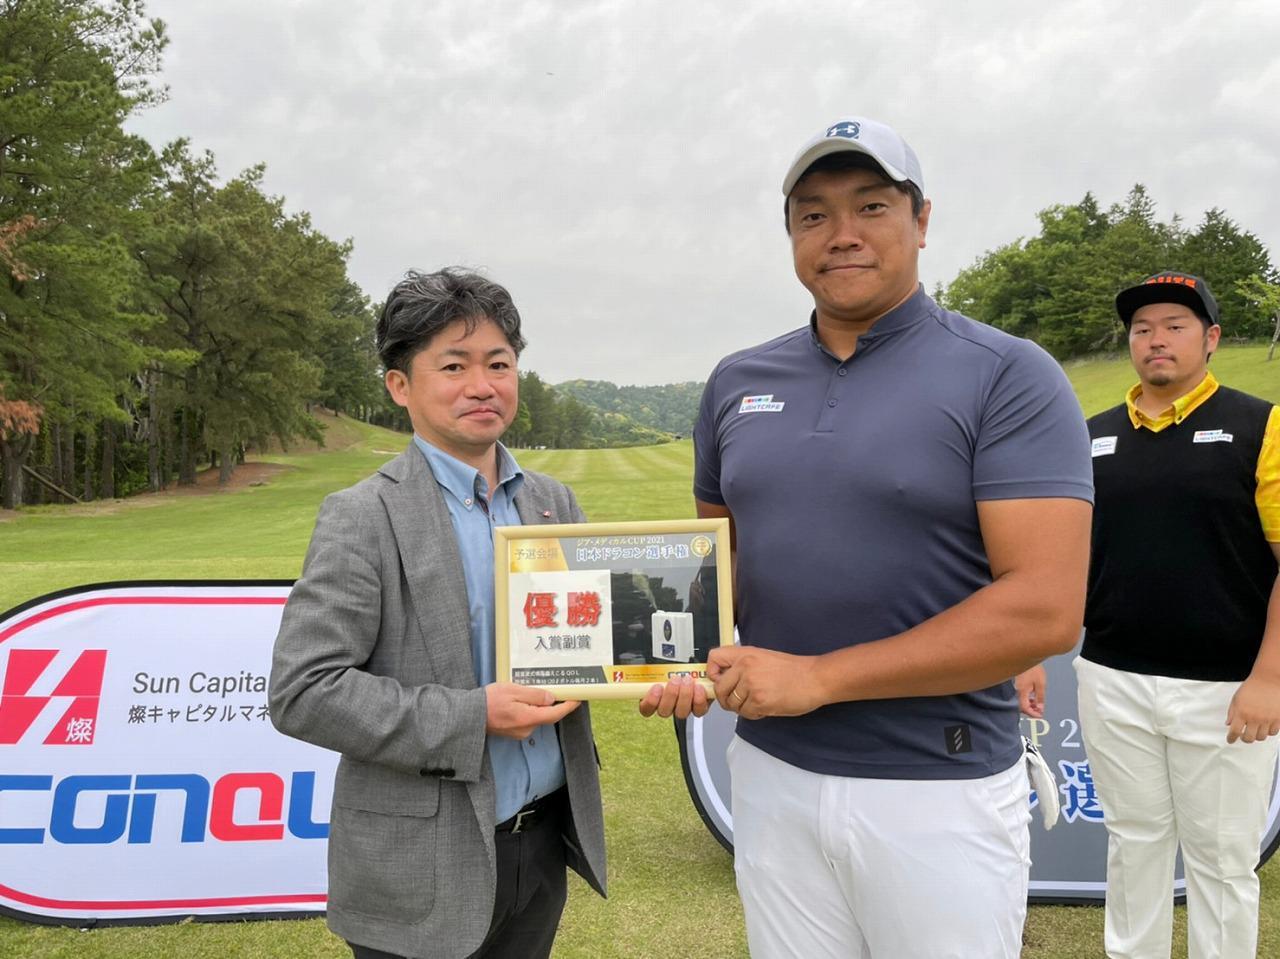 画像: 第8予選 オープンディビジョン 優勝 豊永 選手